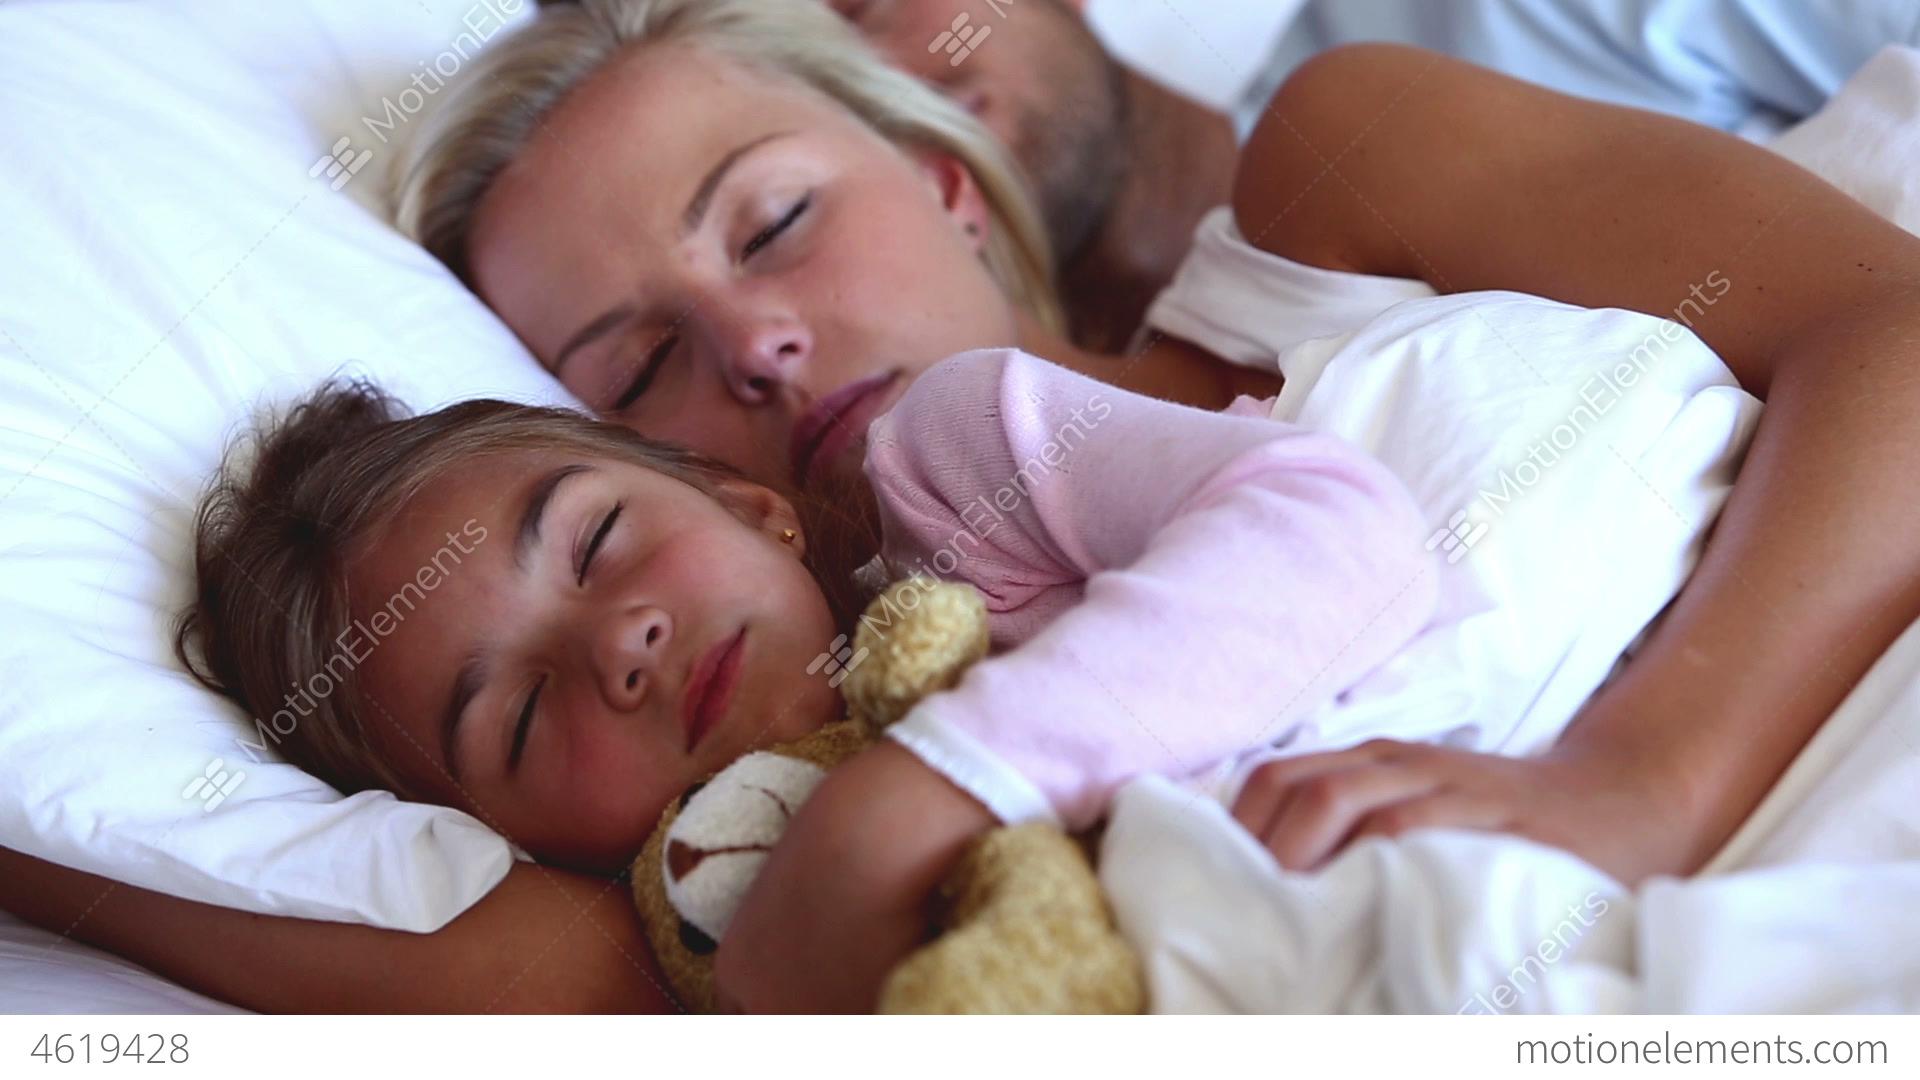 Секс с дочь сосед, Мама с дочкой и сосед » Лучшее бесплатное порно 21 фотография